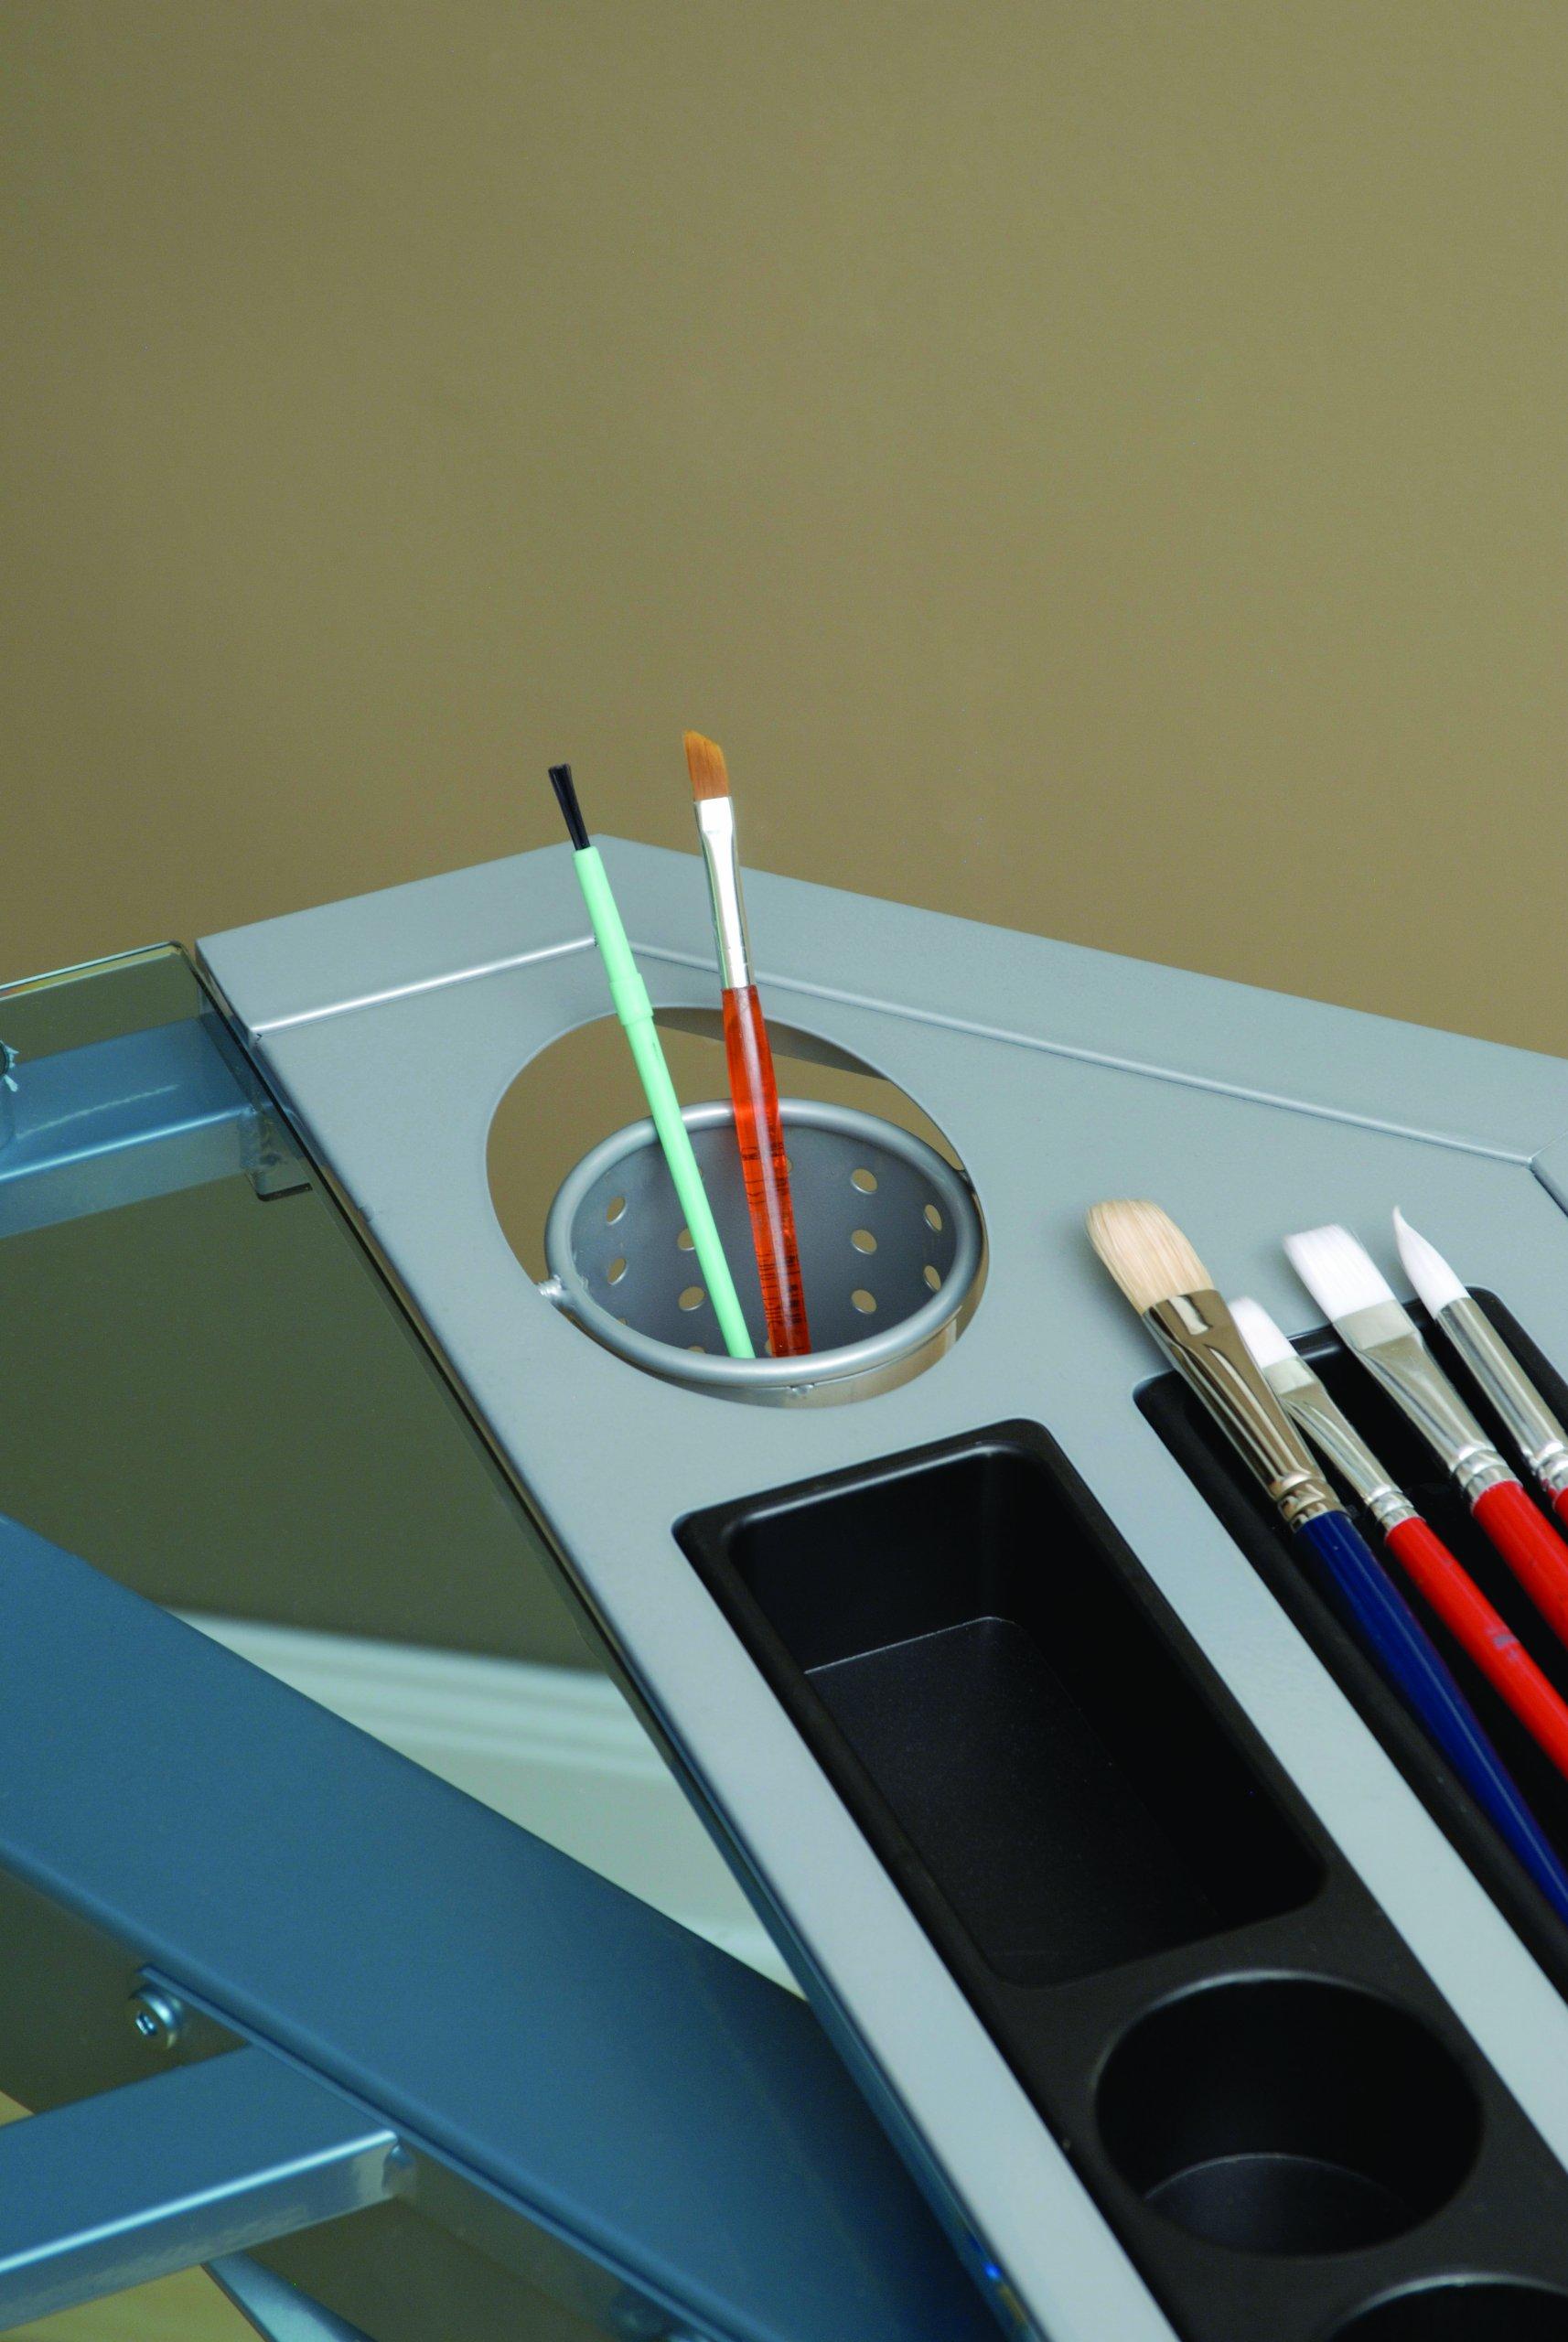 Studio Designs 10057 Futura Tower, Silver/Blue Glass by Studio Designs